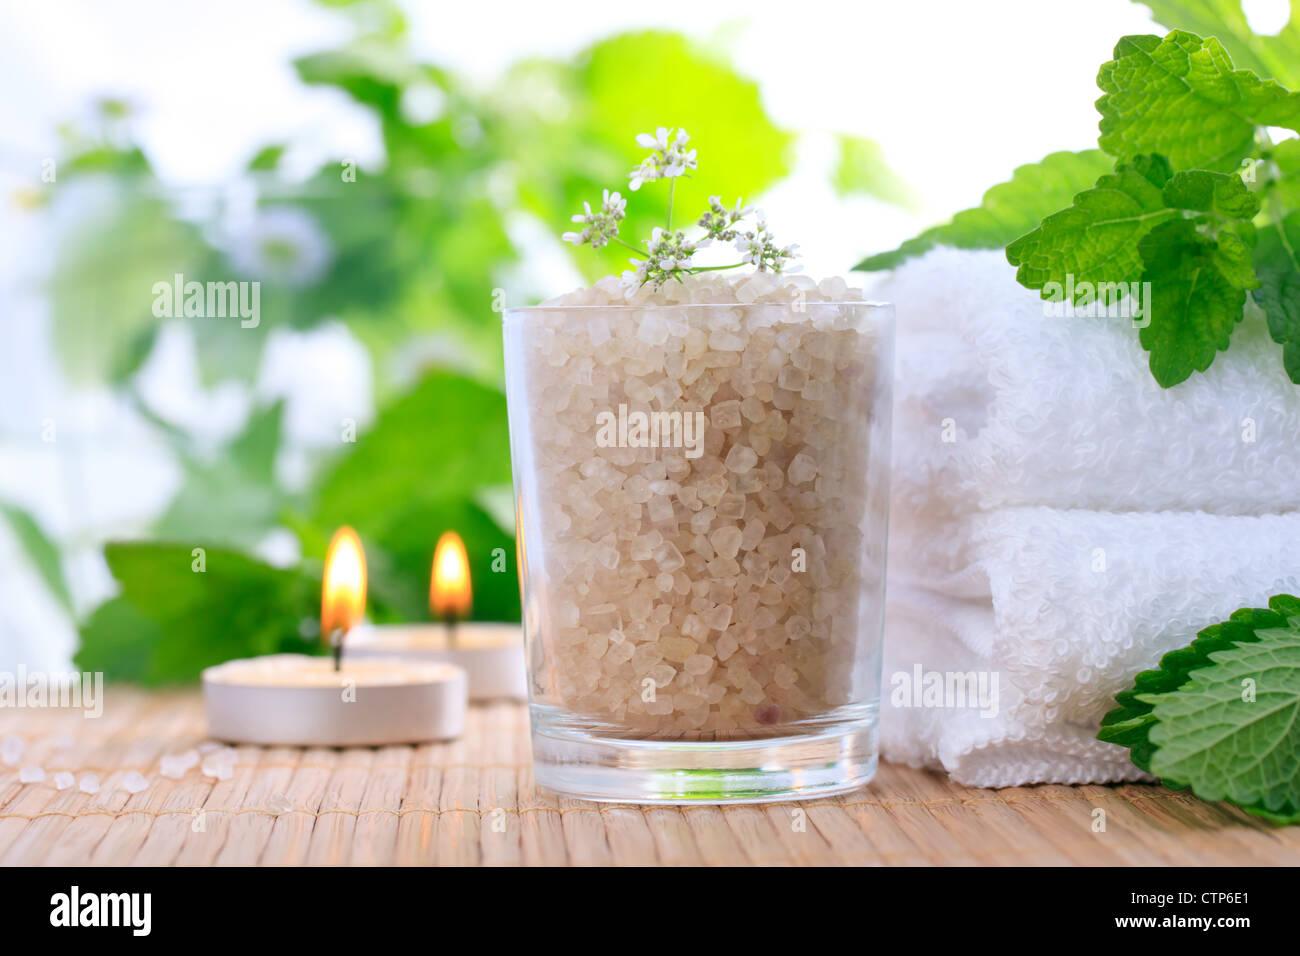 Badesalz mit frischer Minze und Handtücher Stockbild